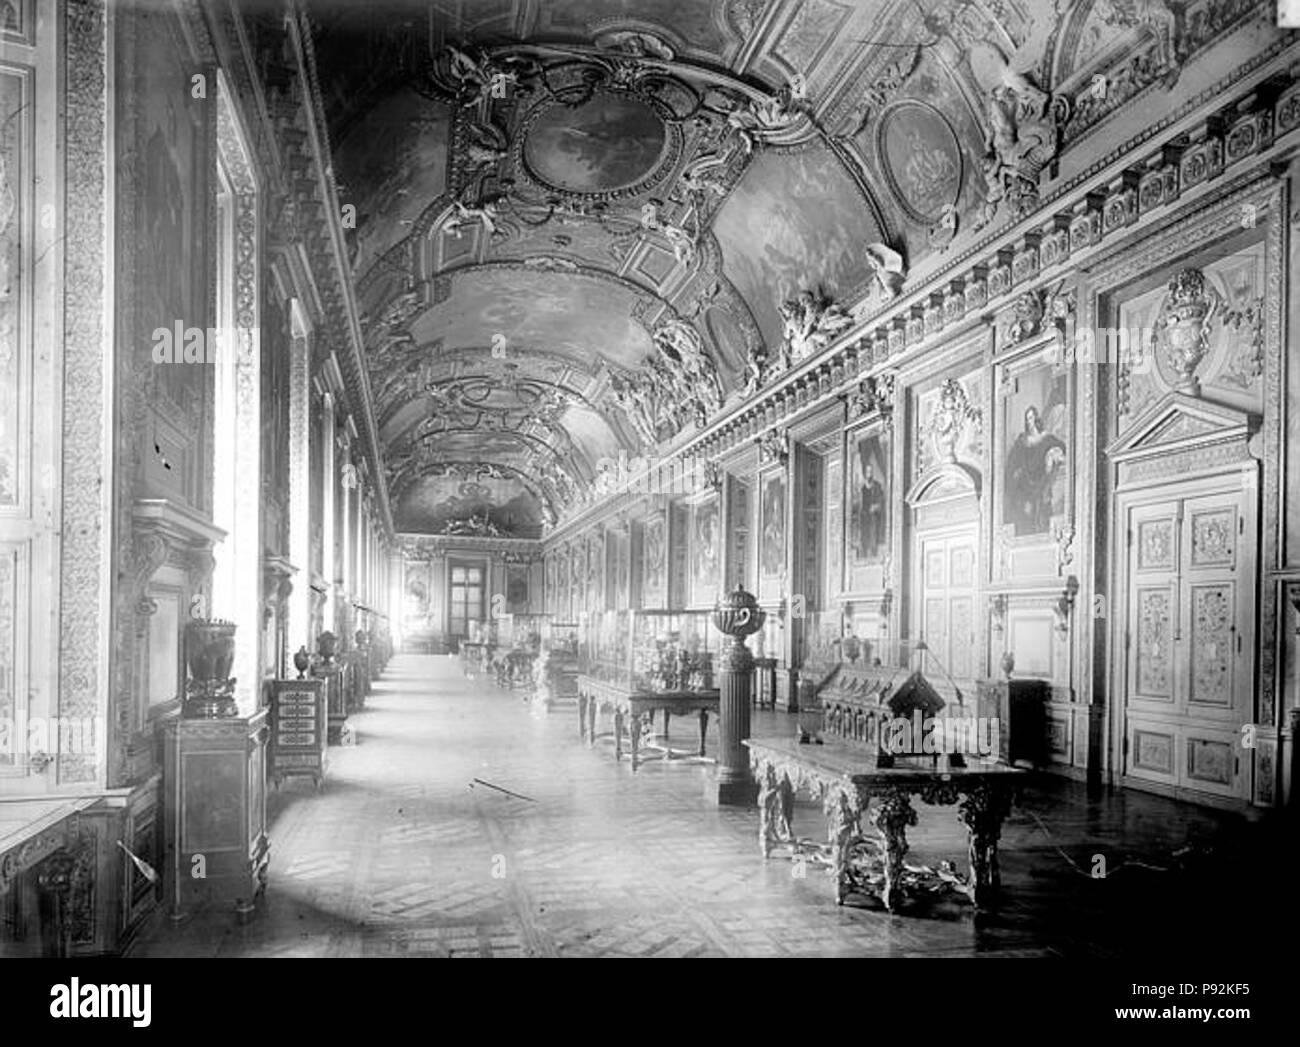 445 Palais du Louvre - Galerie d'Apollon, Vue d'ensemble - Paris 01 - Médiathèque de l'architecture et du patrimoine - APMH00017275 - Stock Image